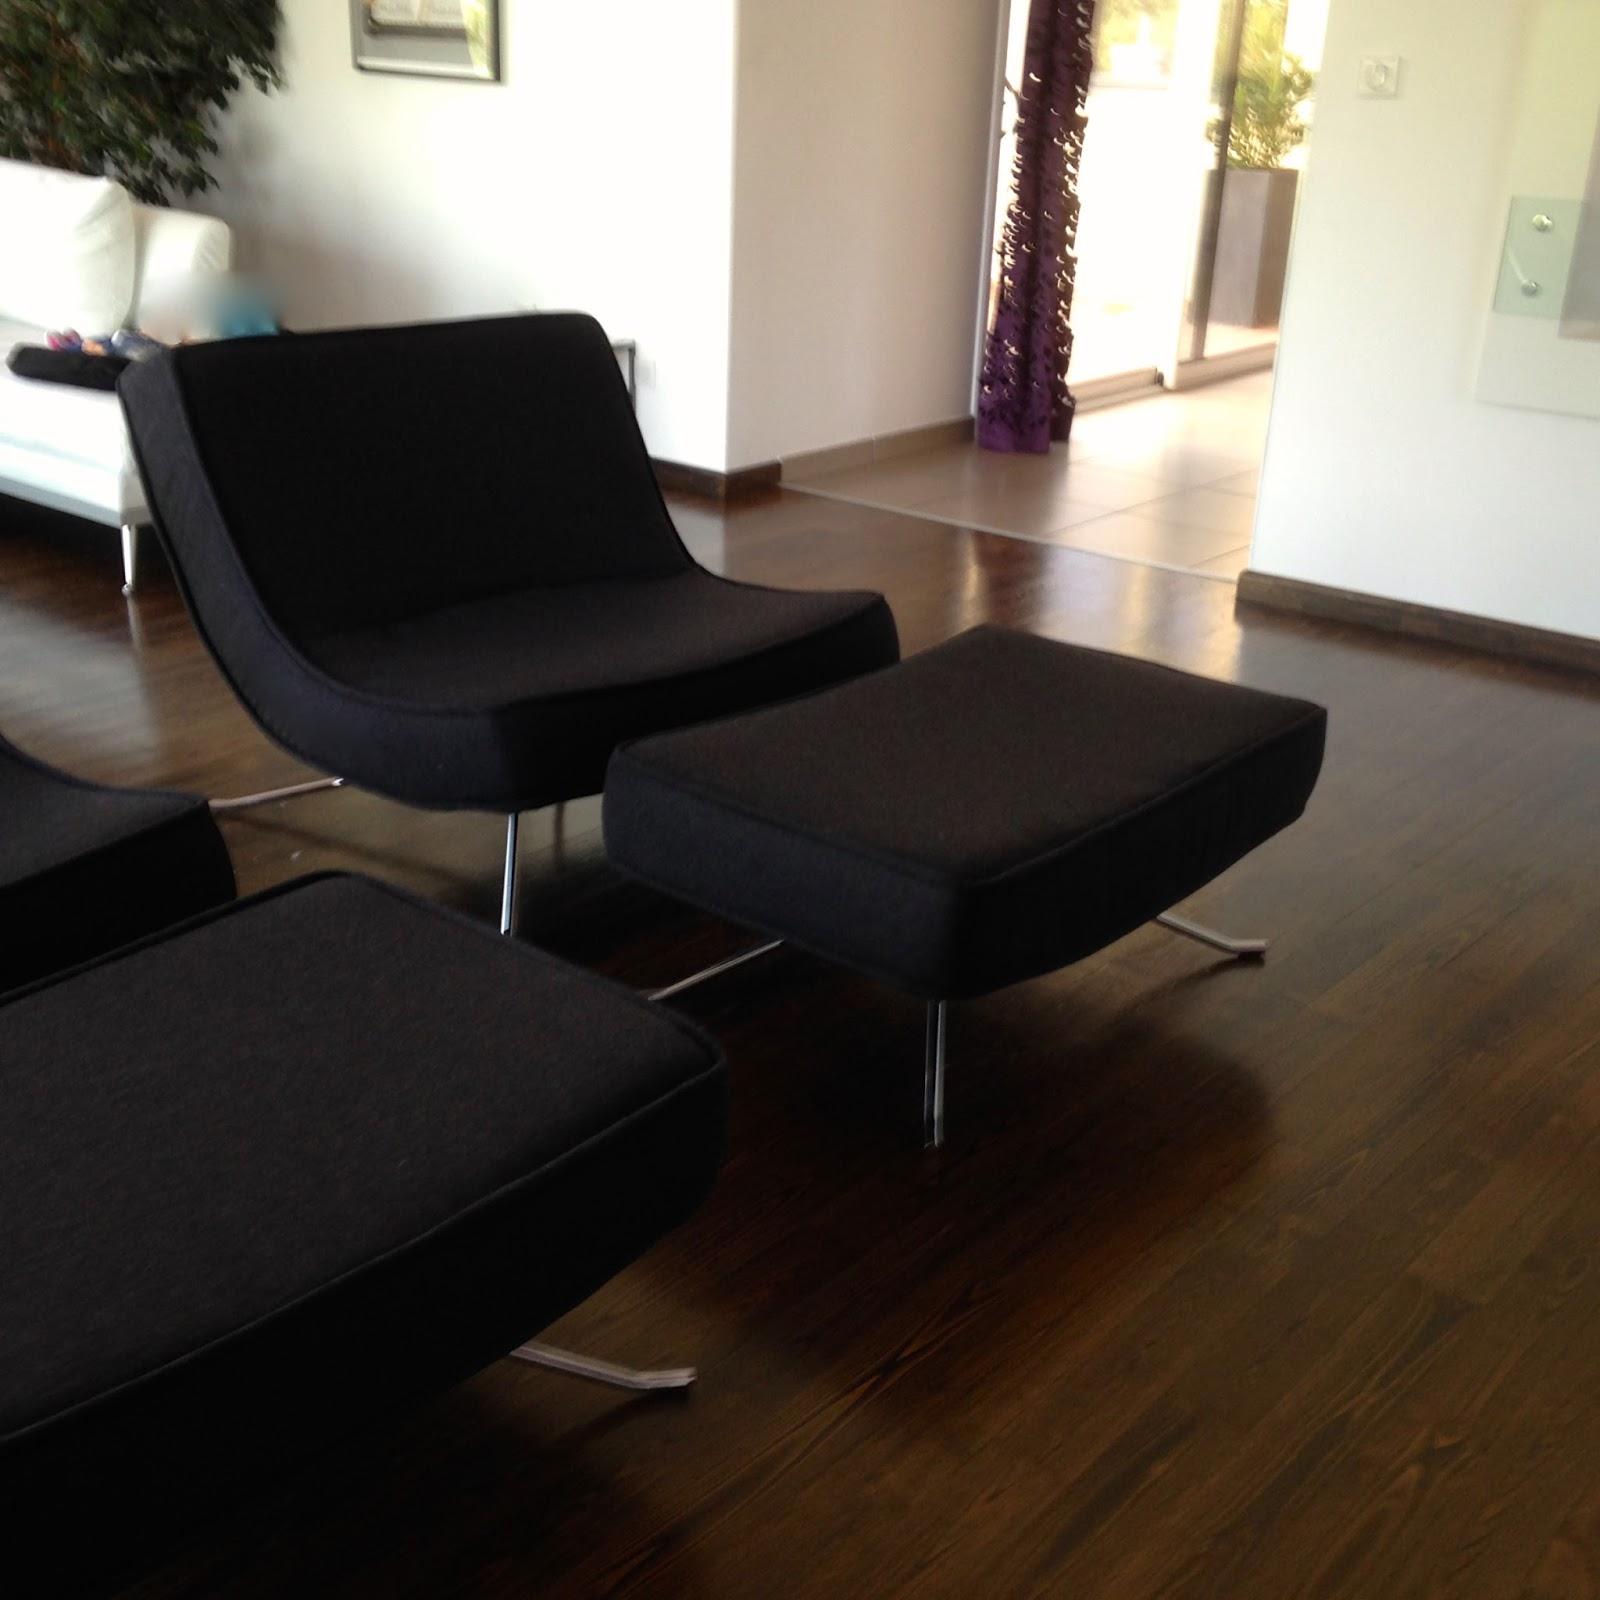 atelier anne lavit artisan tapissier d corateur 69007 lyon fauteuils pop. Black Bedroom Furniture Sets. Home Design Ideas